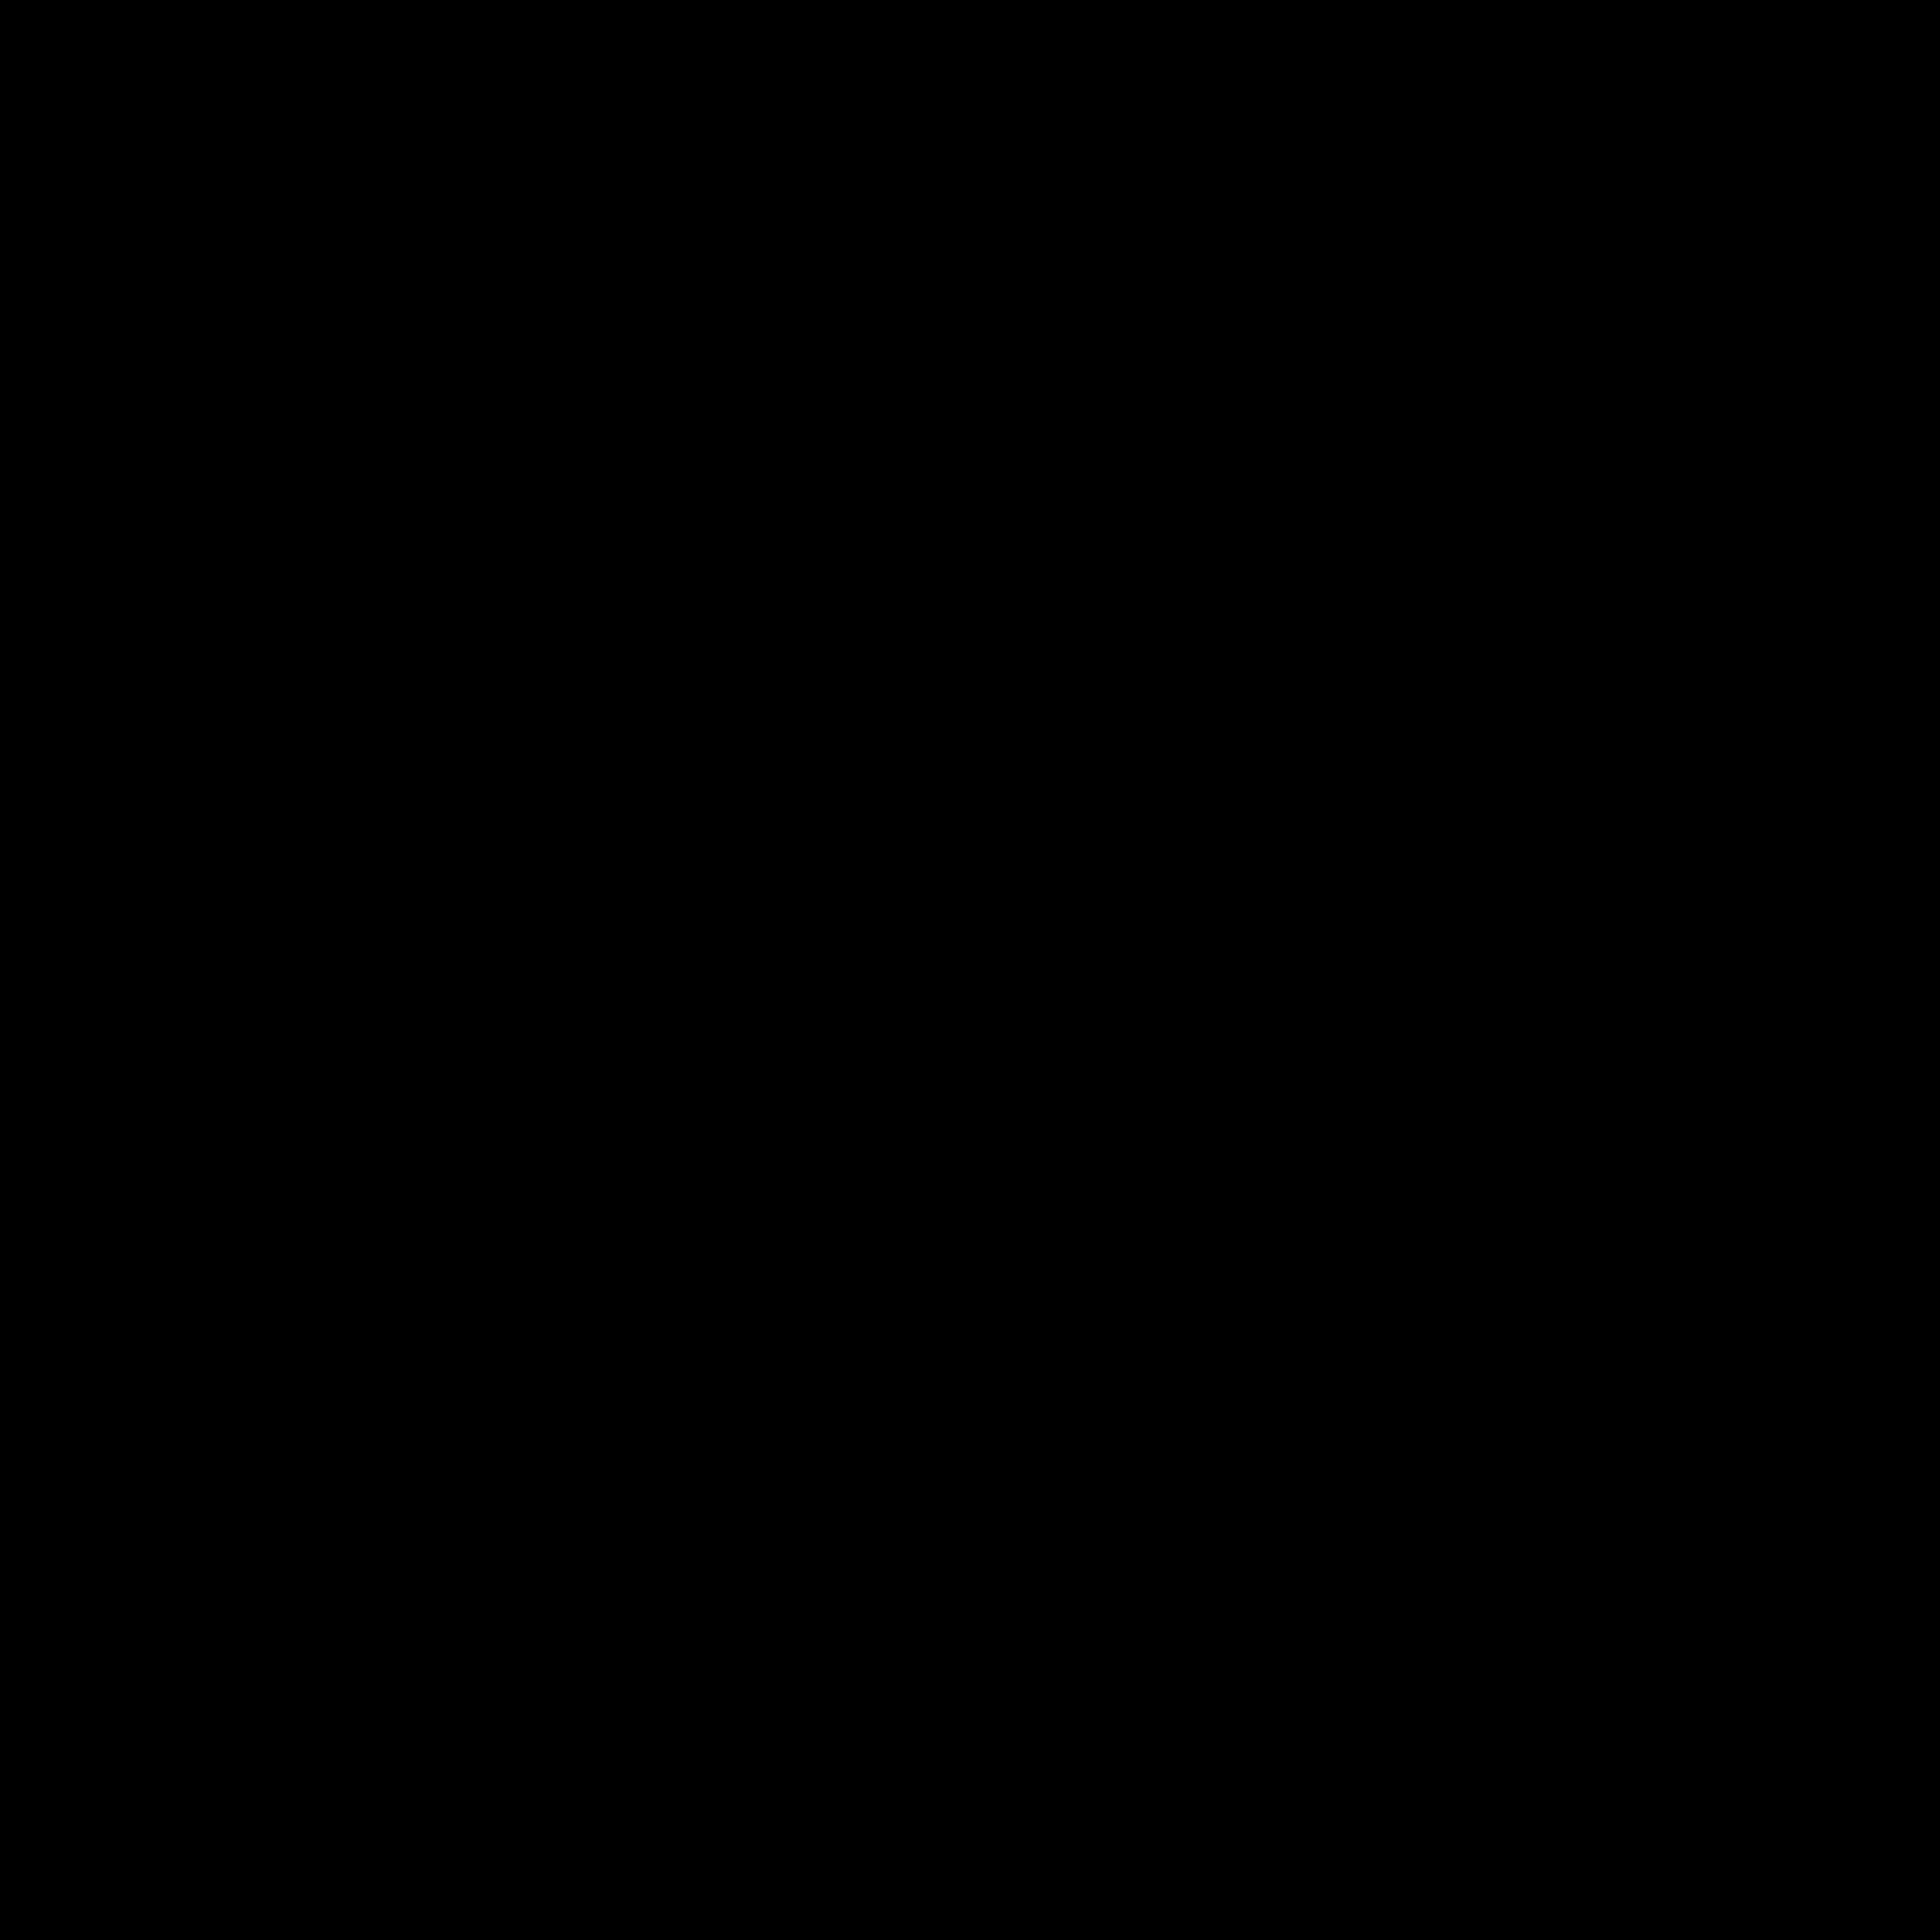 keith-ti